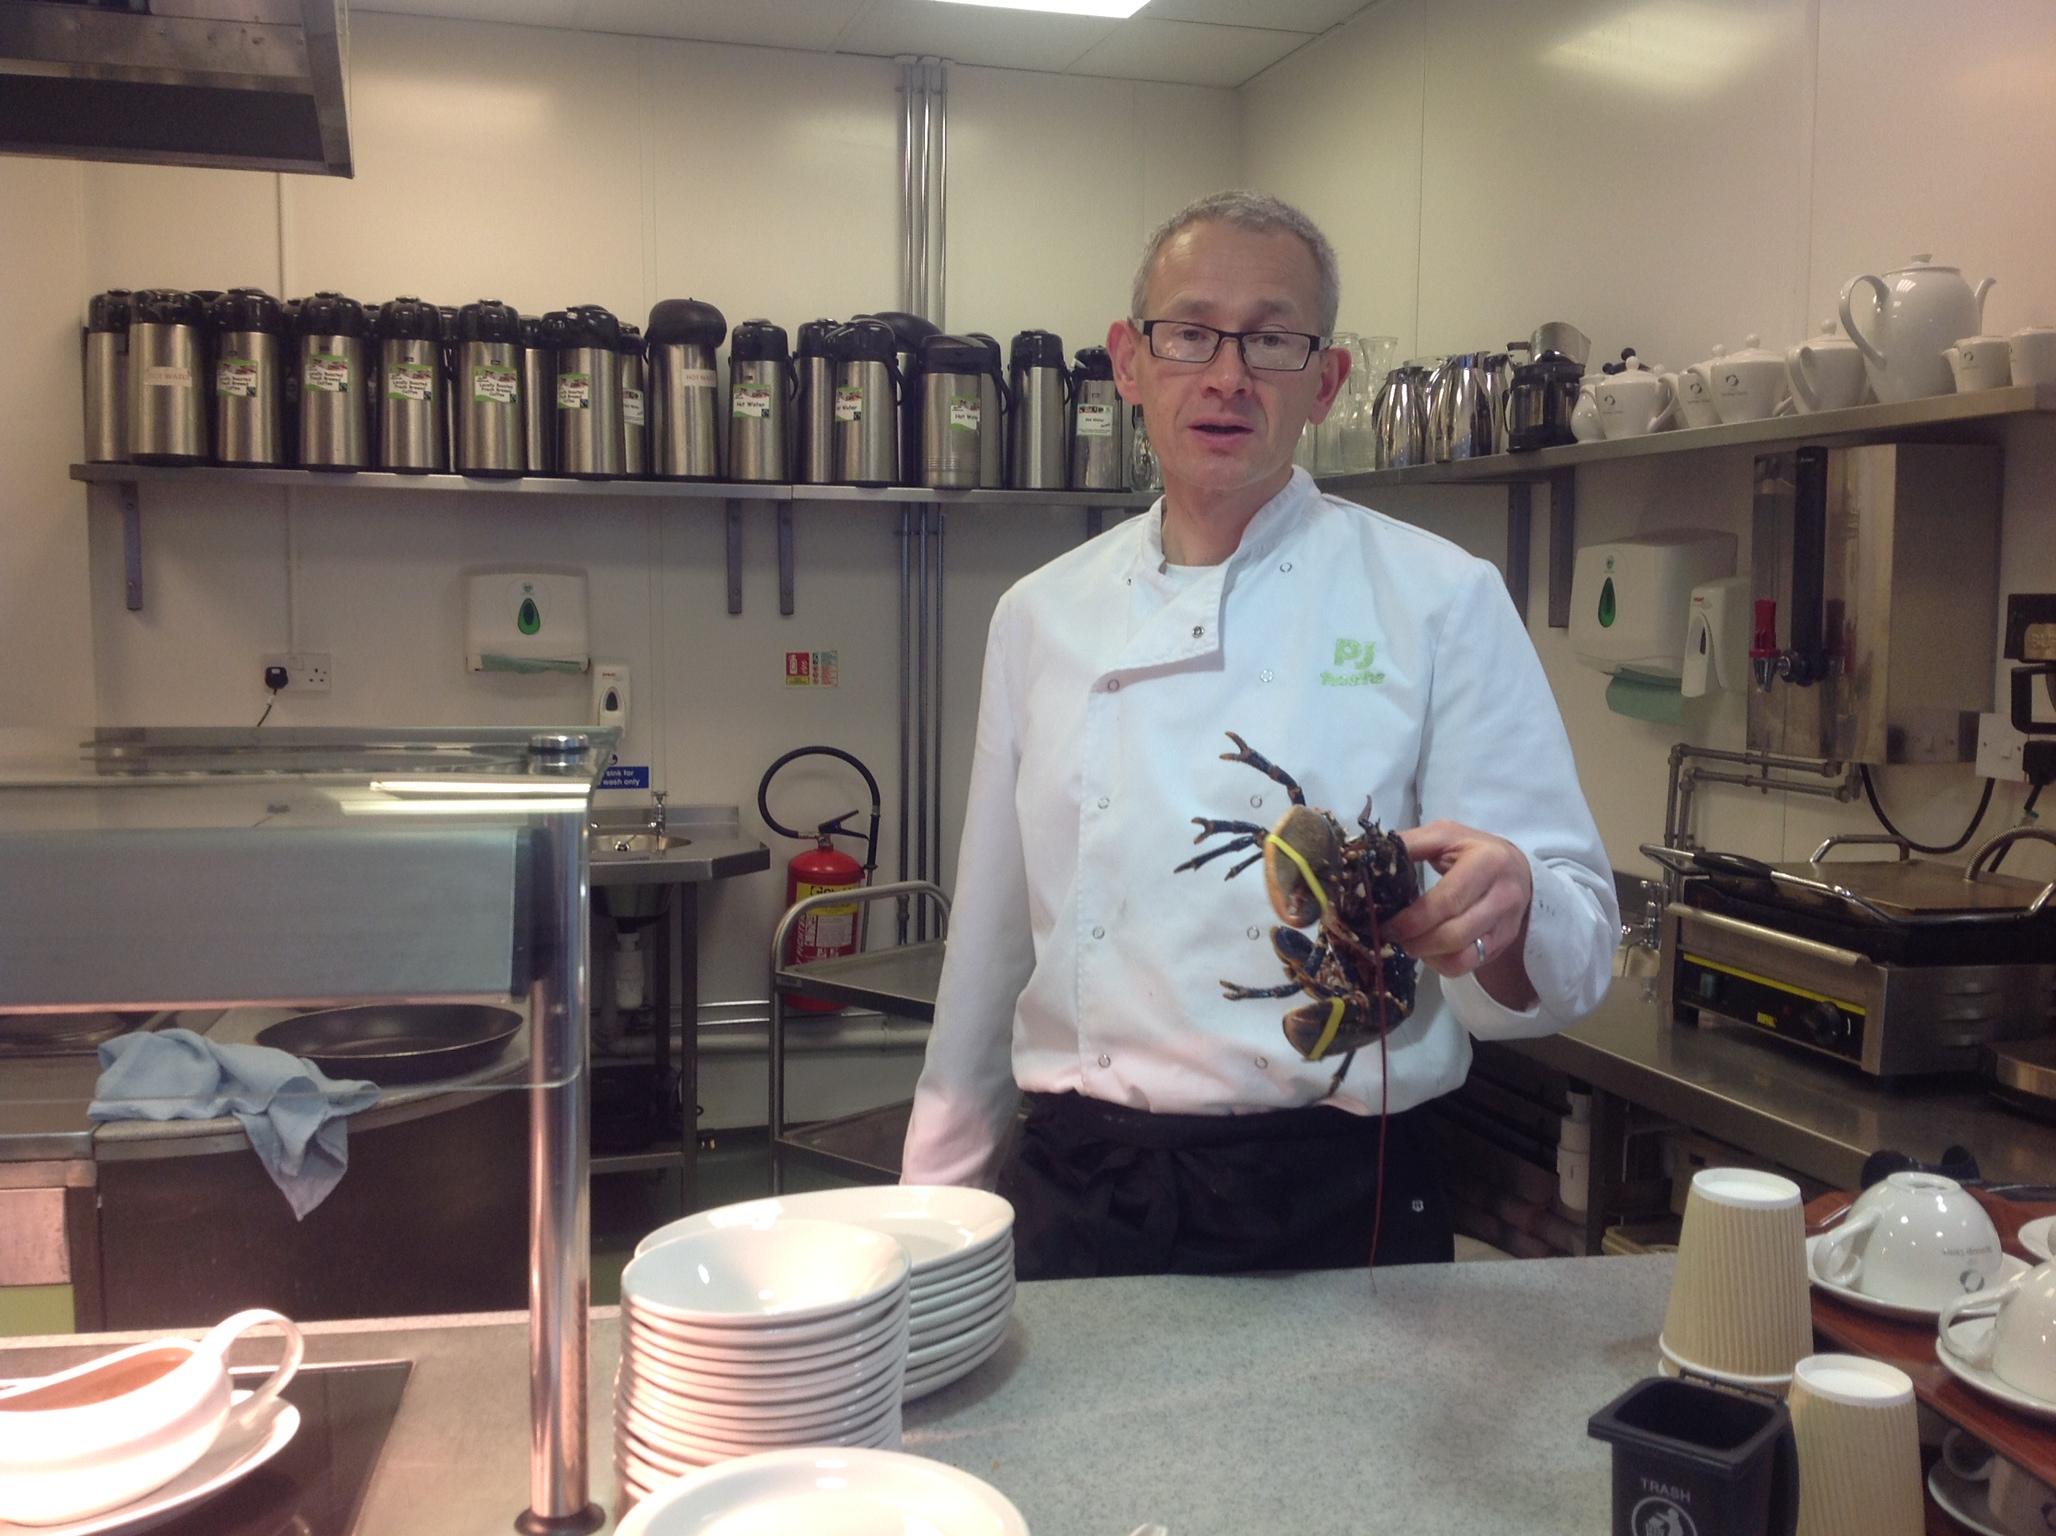 Lobster_prep_PJtaste29112014.JPG